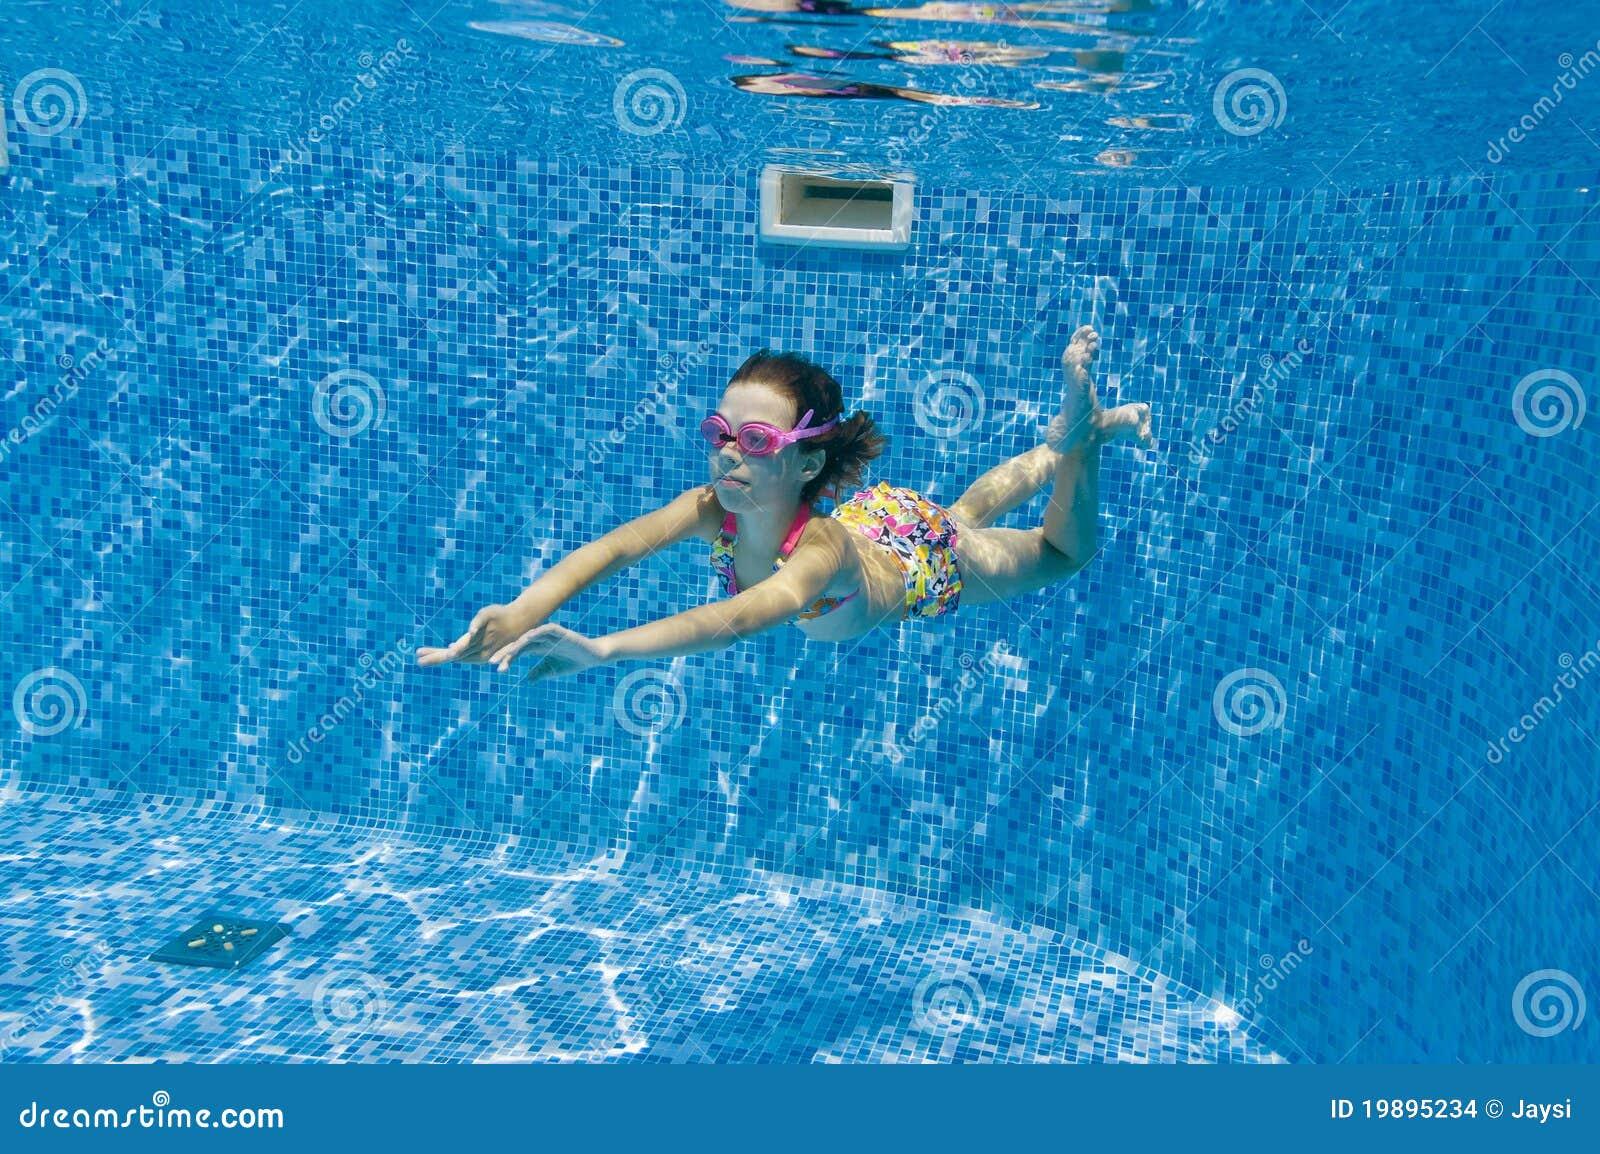 child swimming underwater - photo #27